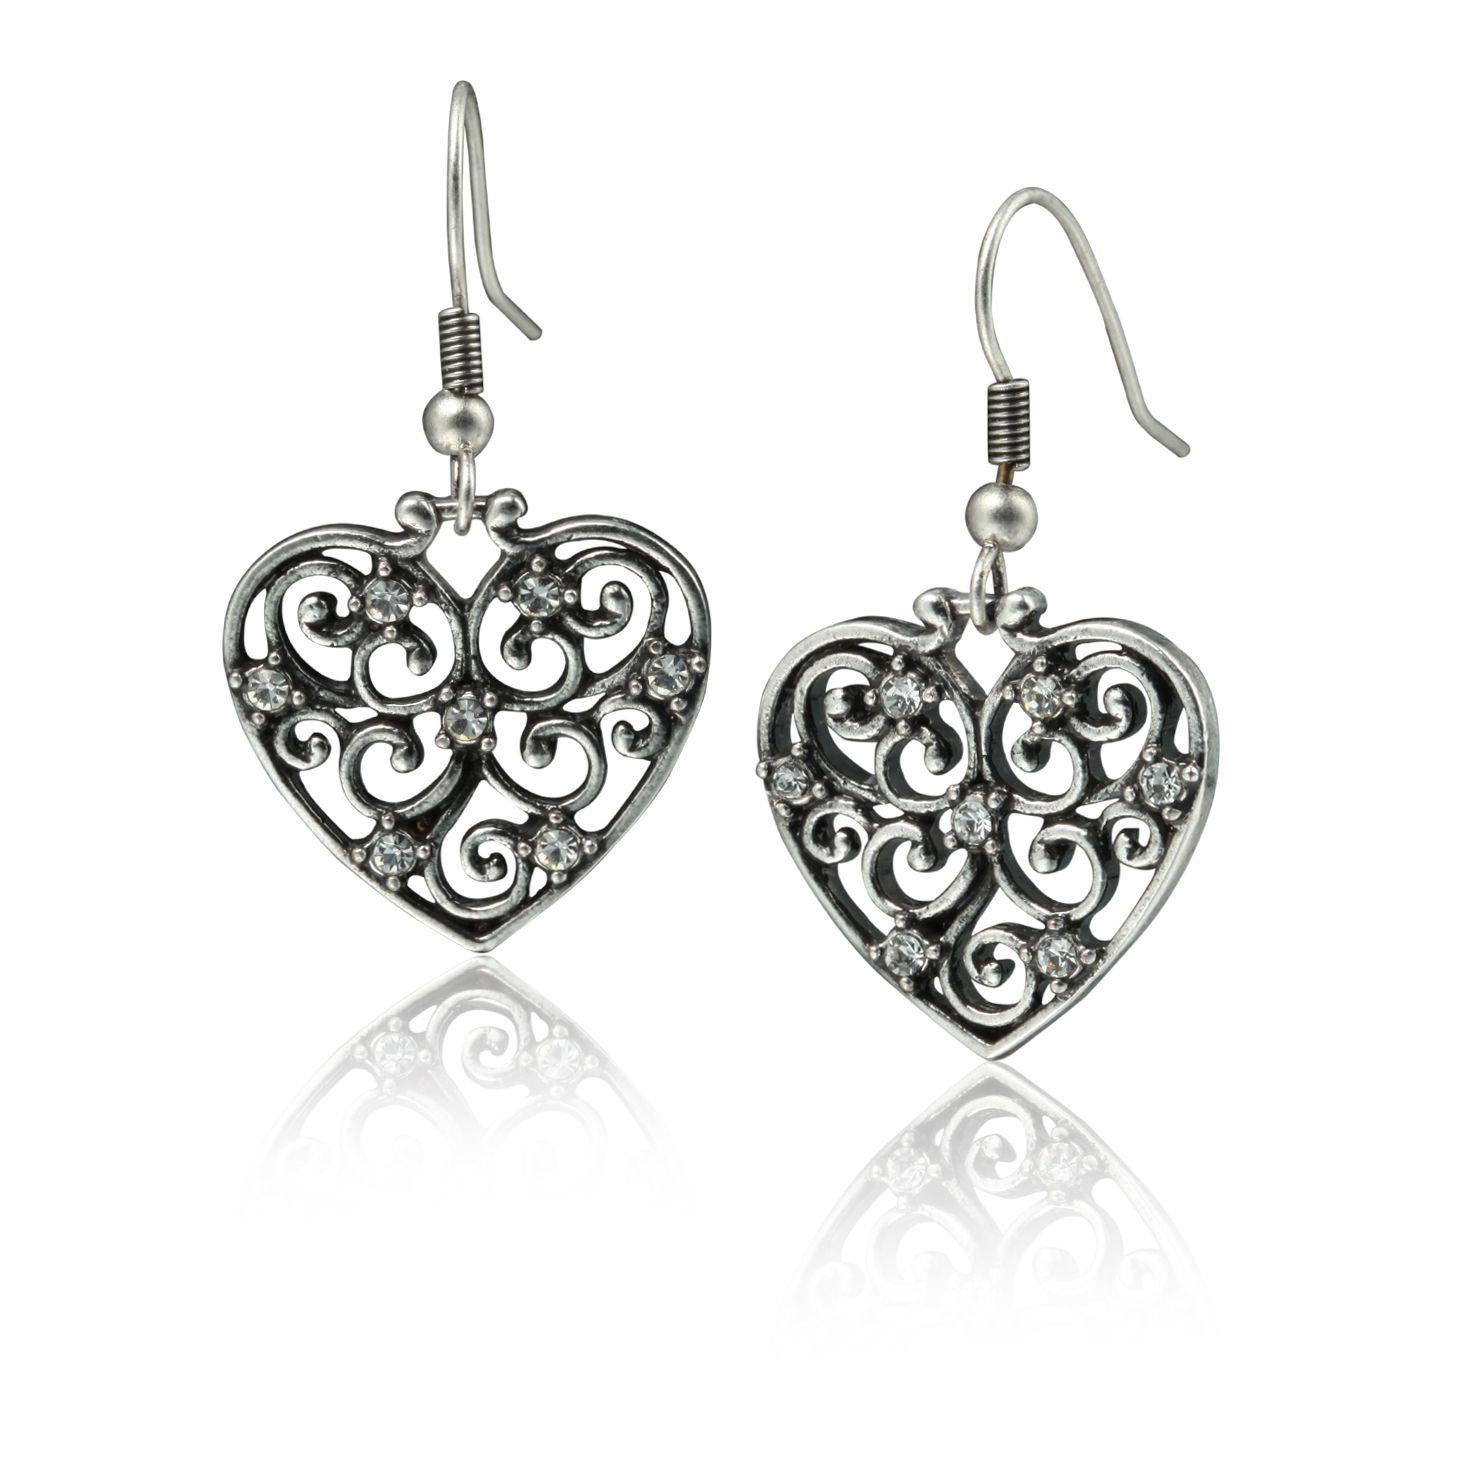 Believe Heart Earrings on SonGear.com - Christian Shirts, Jewelry